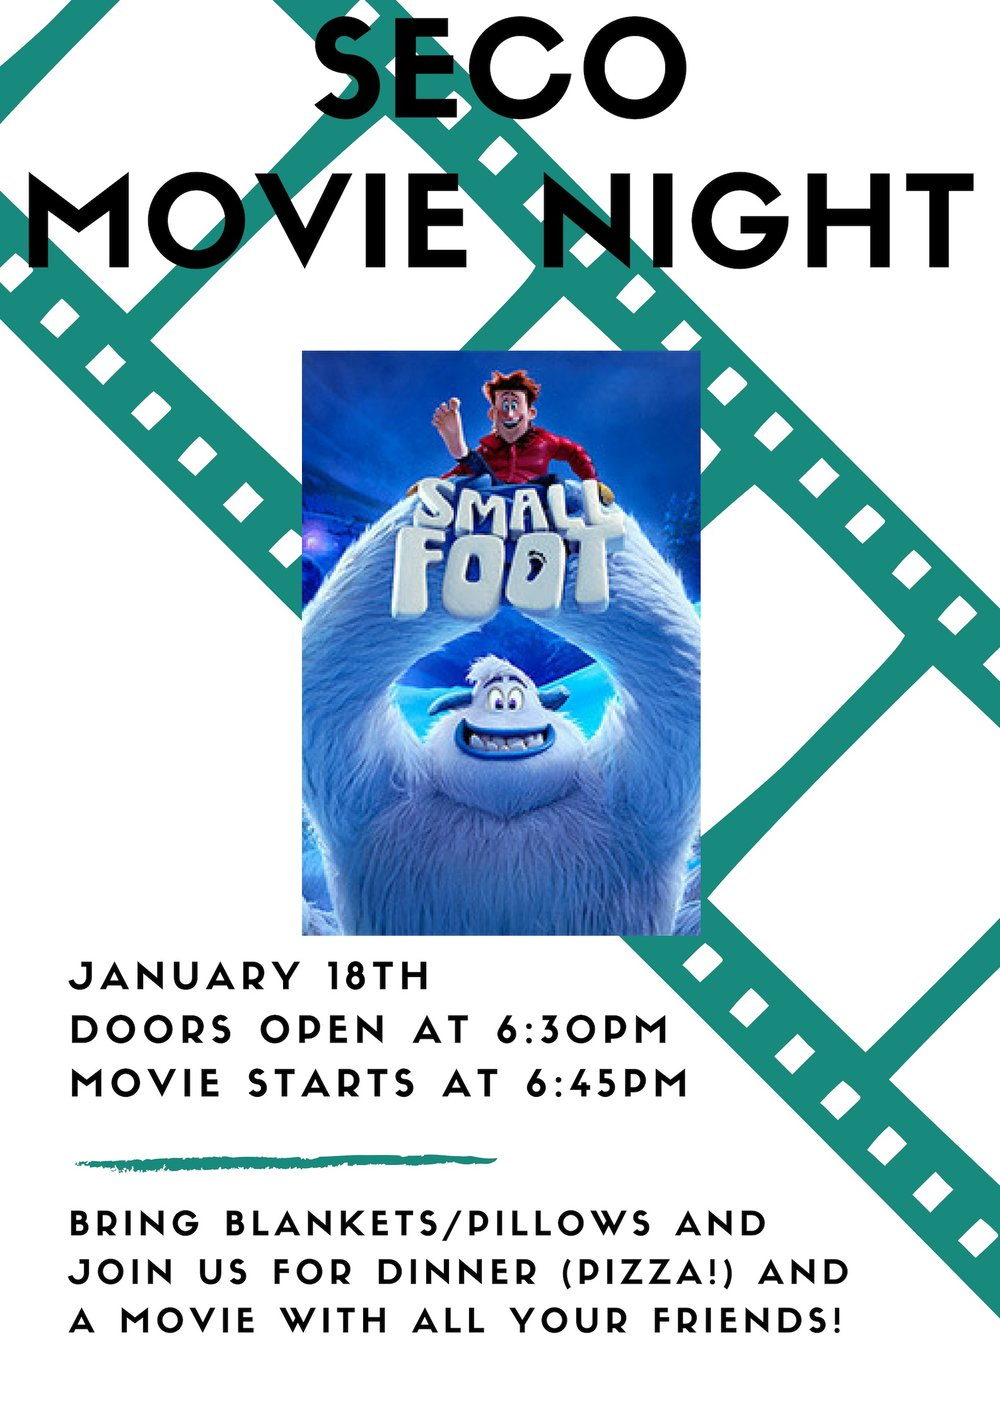 movienightsmallfoot.jpg